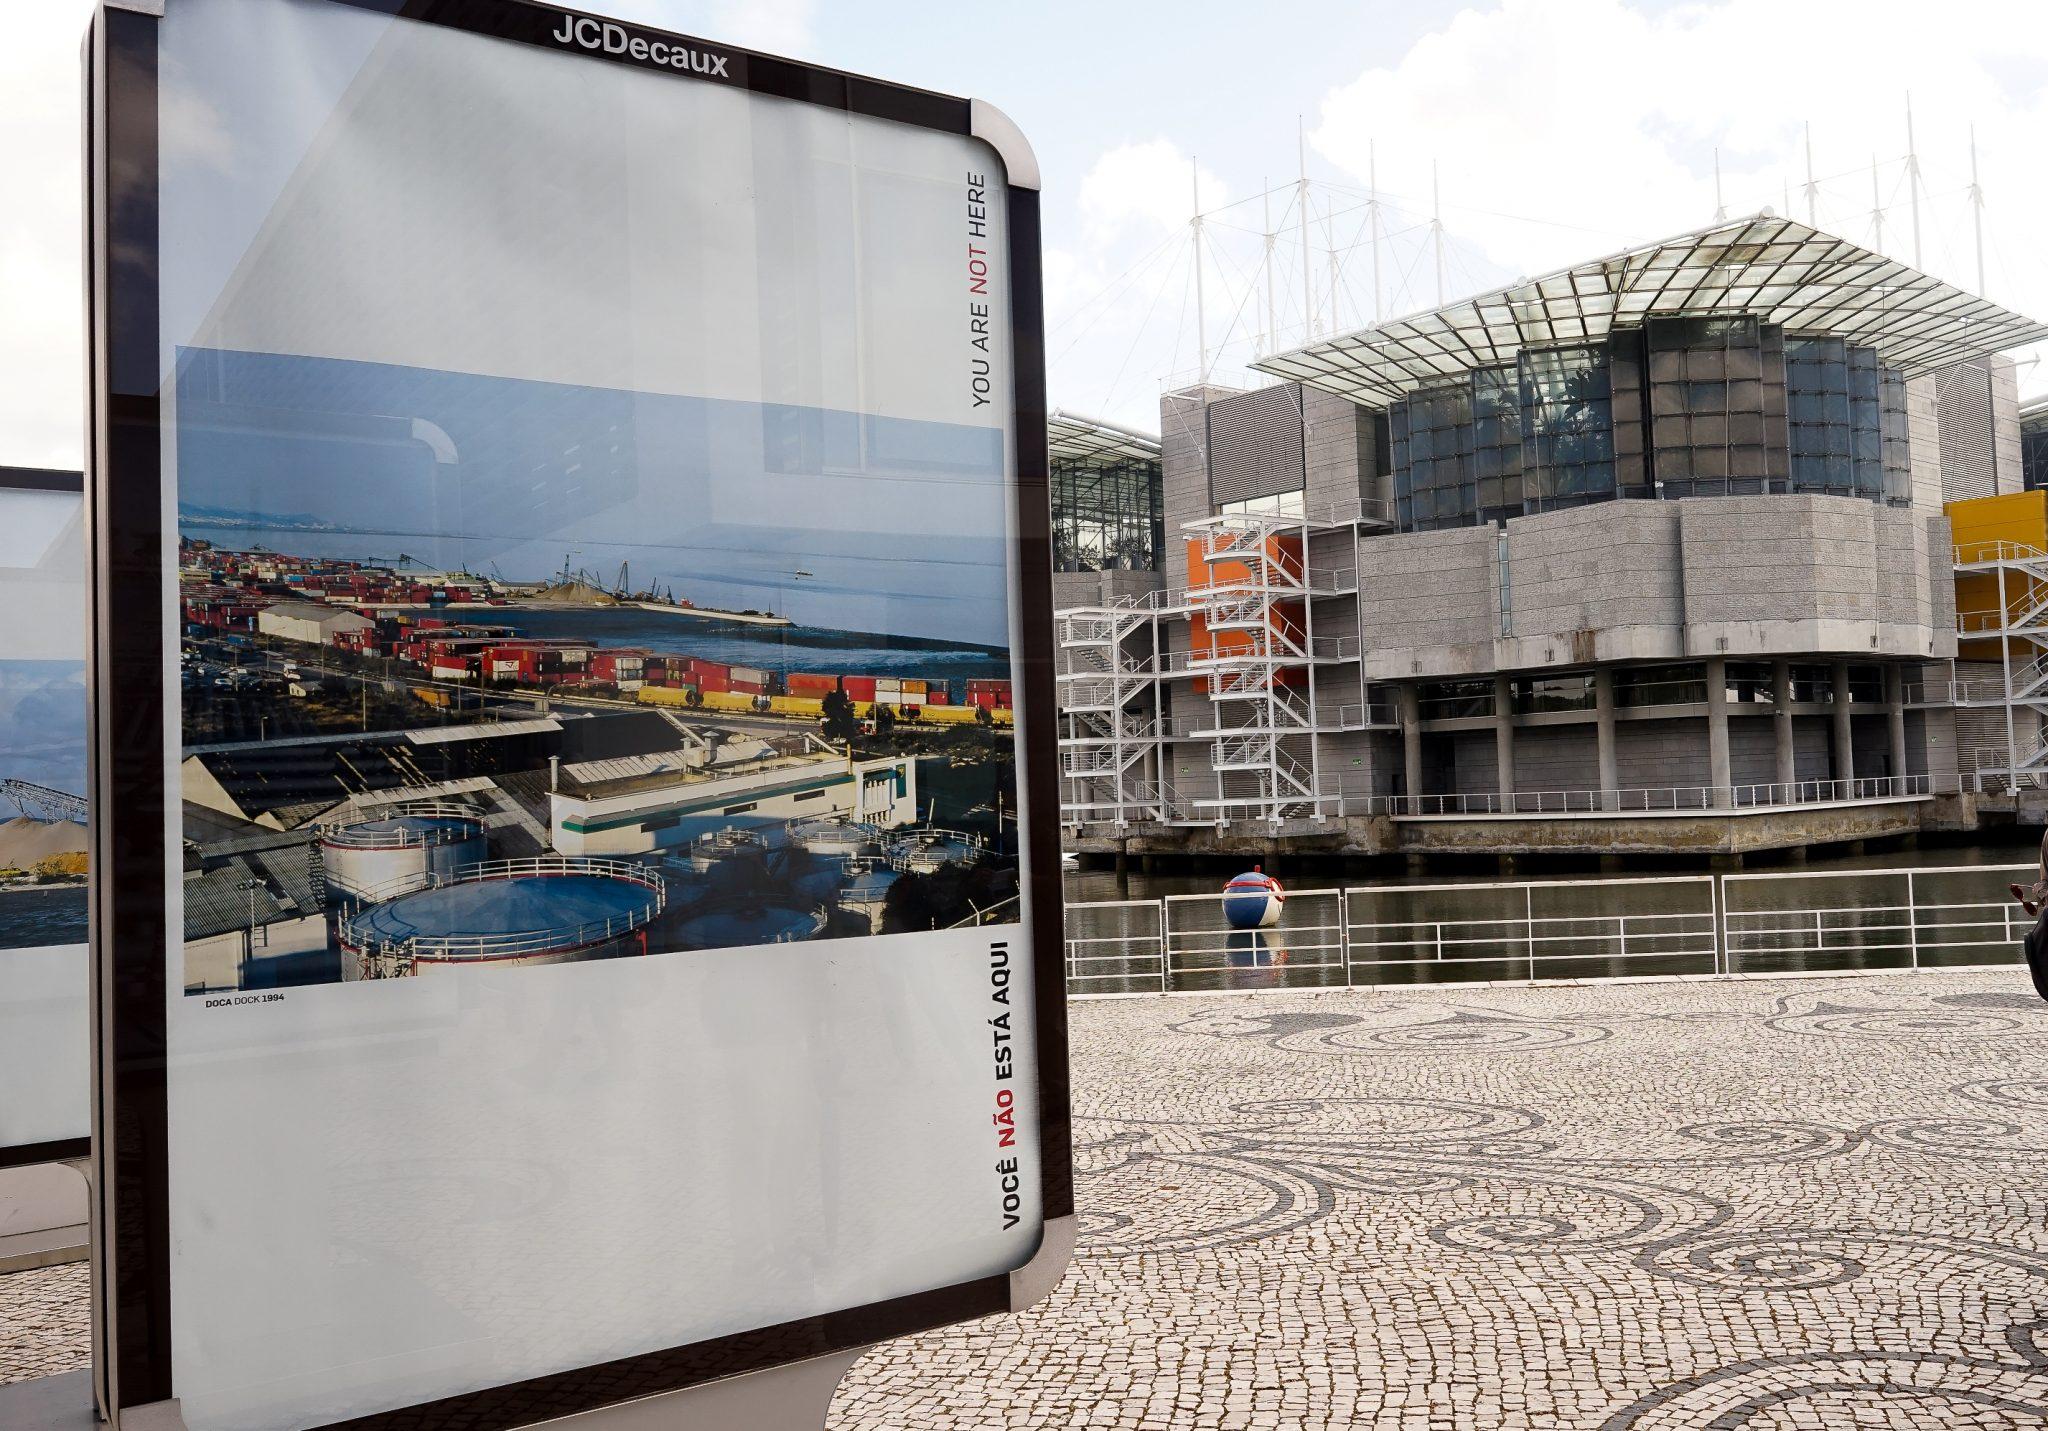 Em primeiro plano, um mupi com uma fotografia da antiga Doca dos Olivais antes da construção da Expo98. Em segundo plano o edifício do Oceanário.